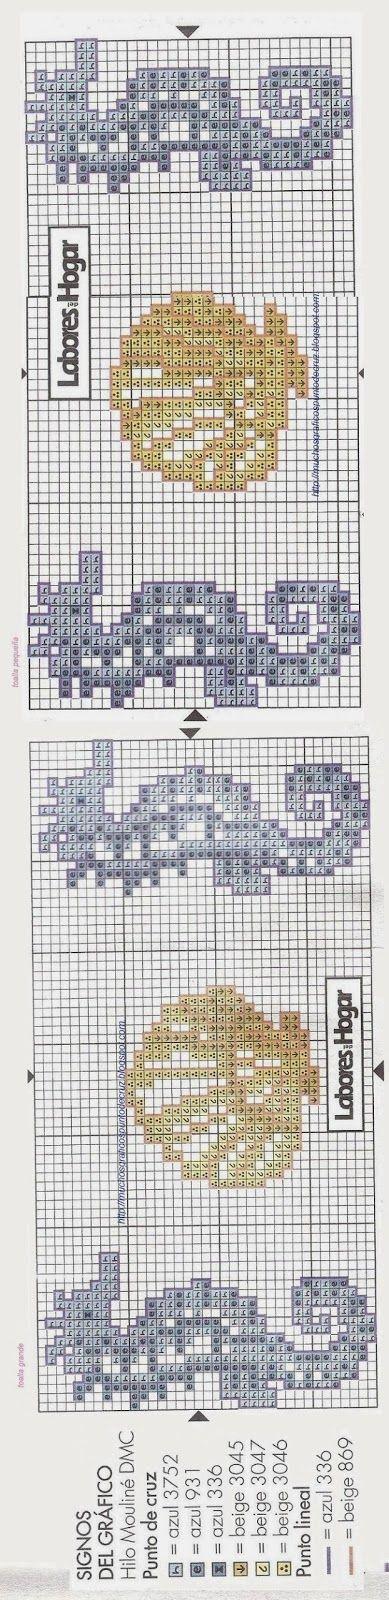 440 best punto de cruz y ganchillo images on Pinterest | Embroidery ...